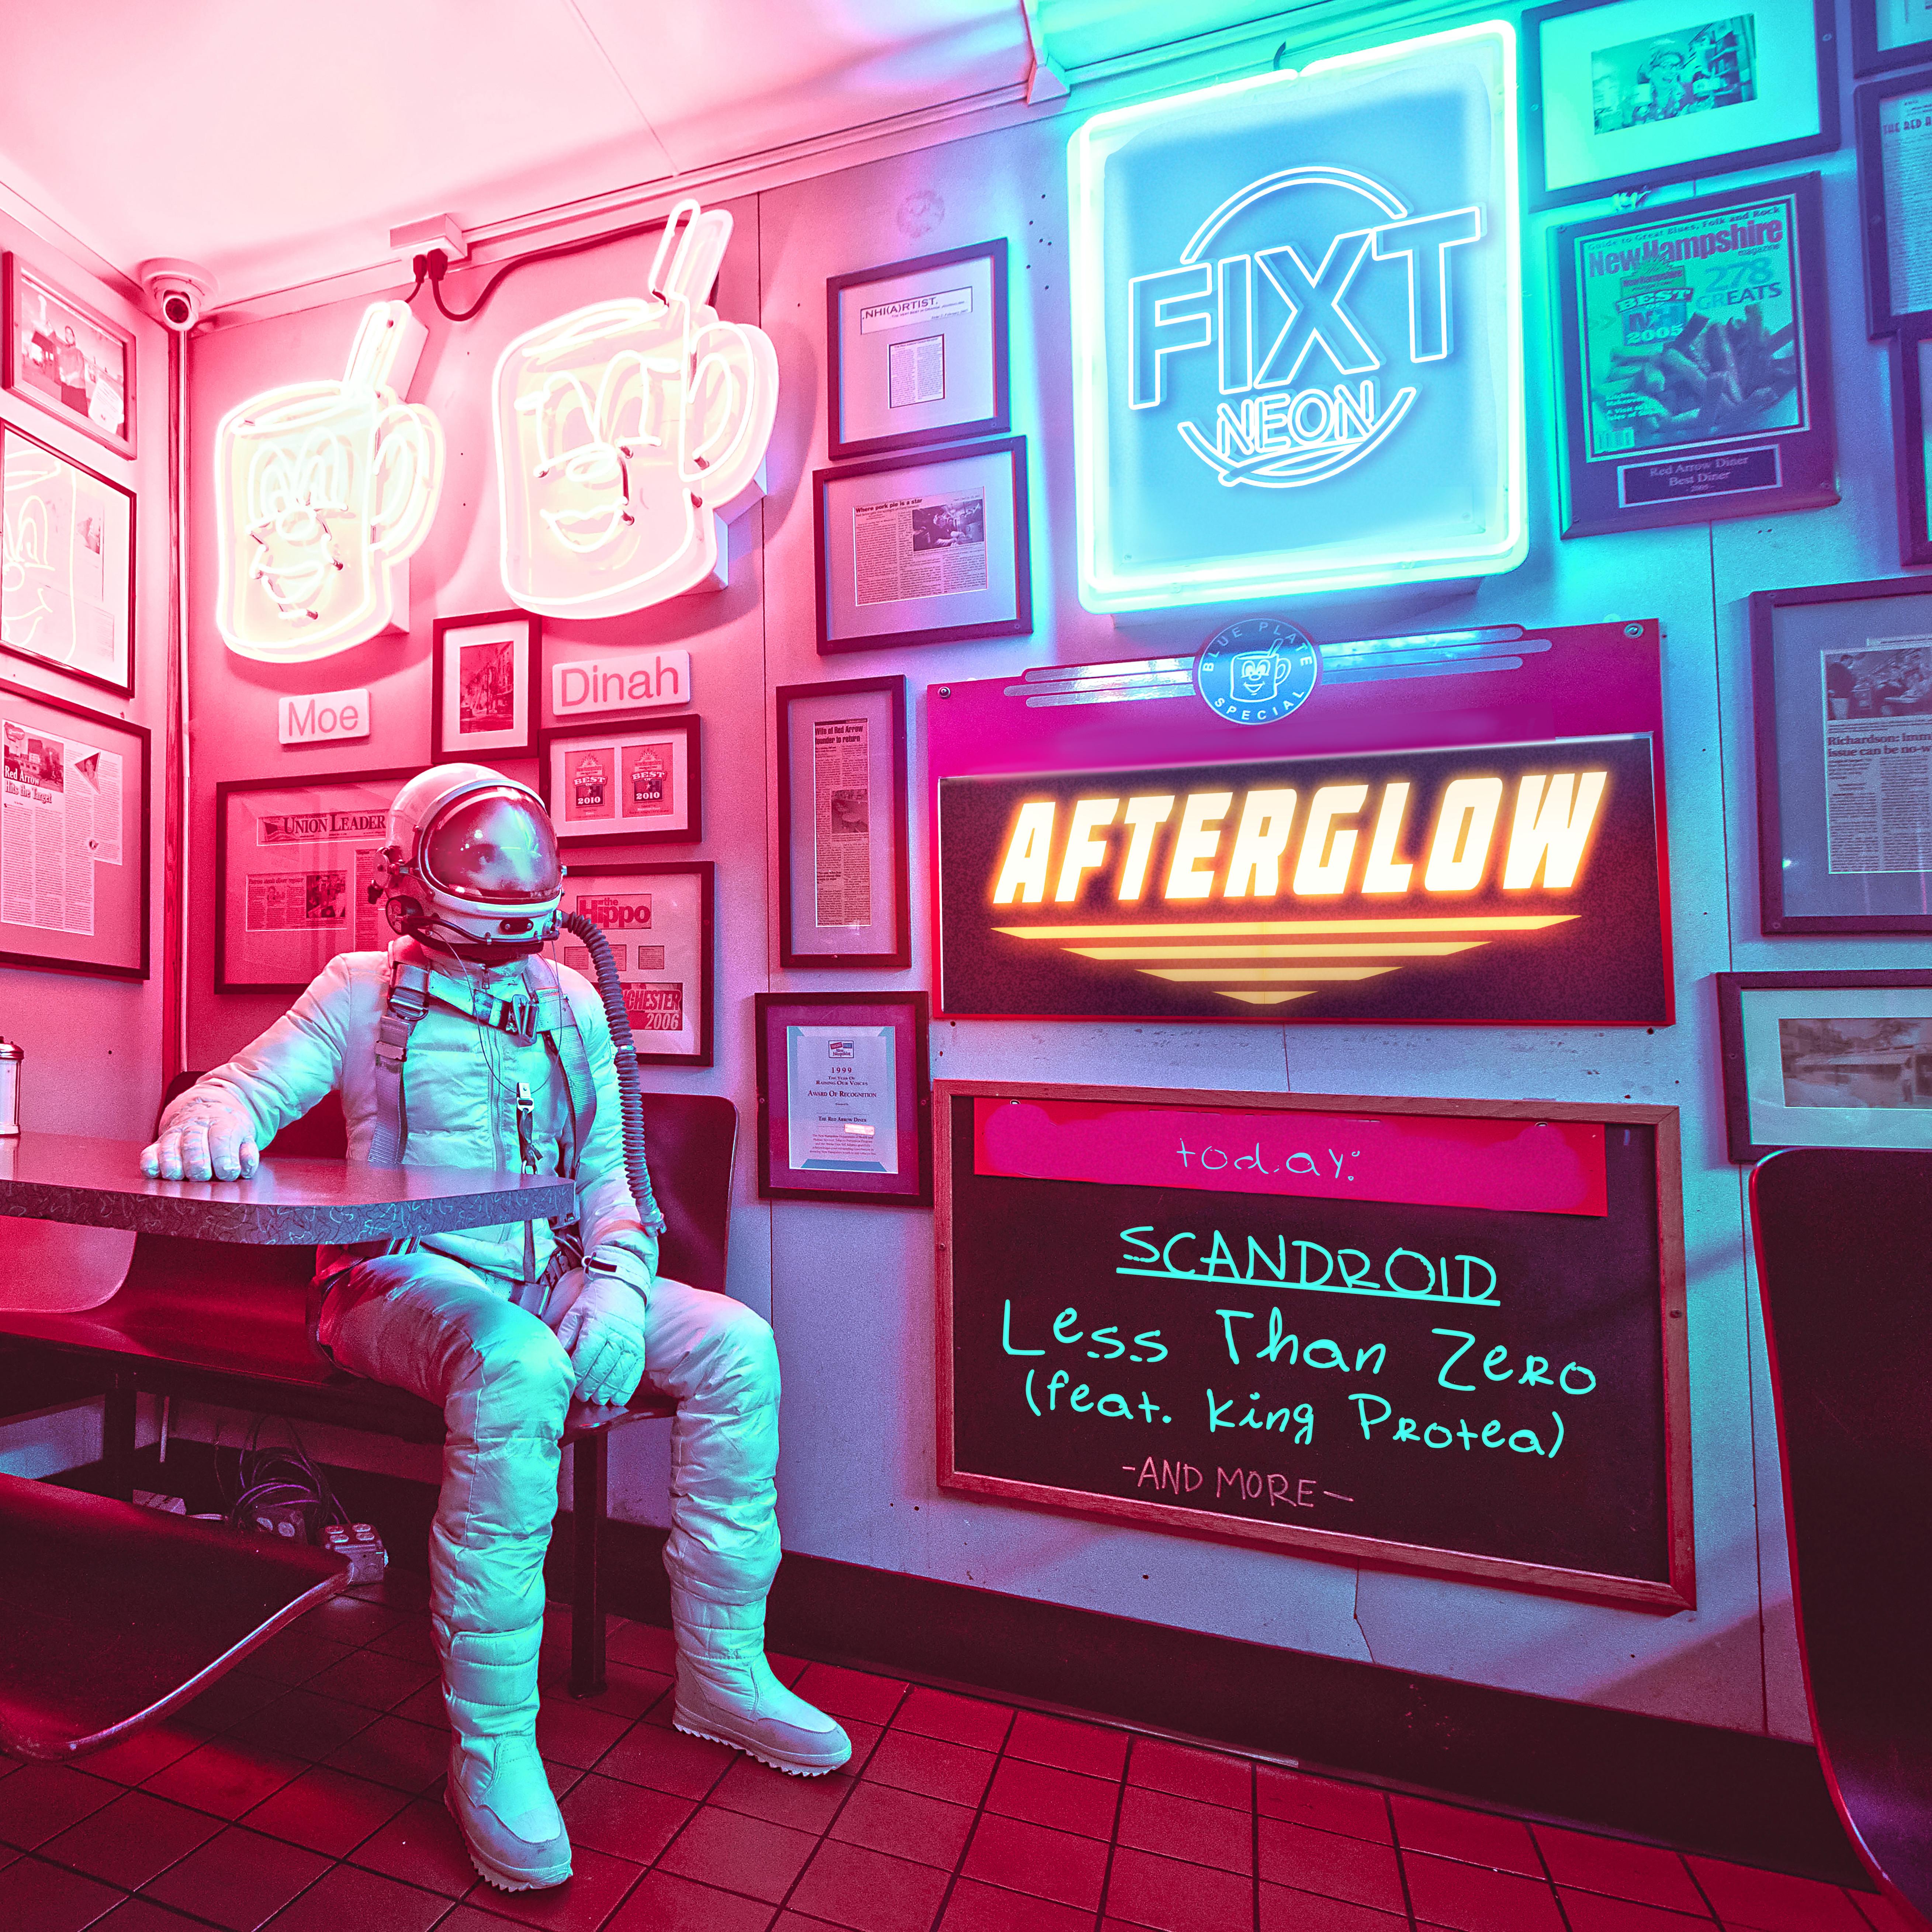 Scandroid - Less Than Zero (feat. King Protea) [Single] Image